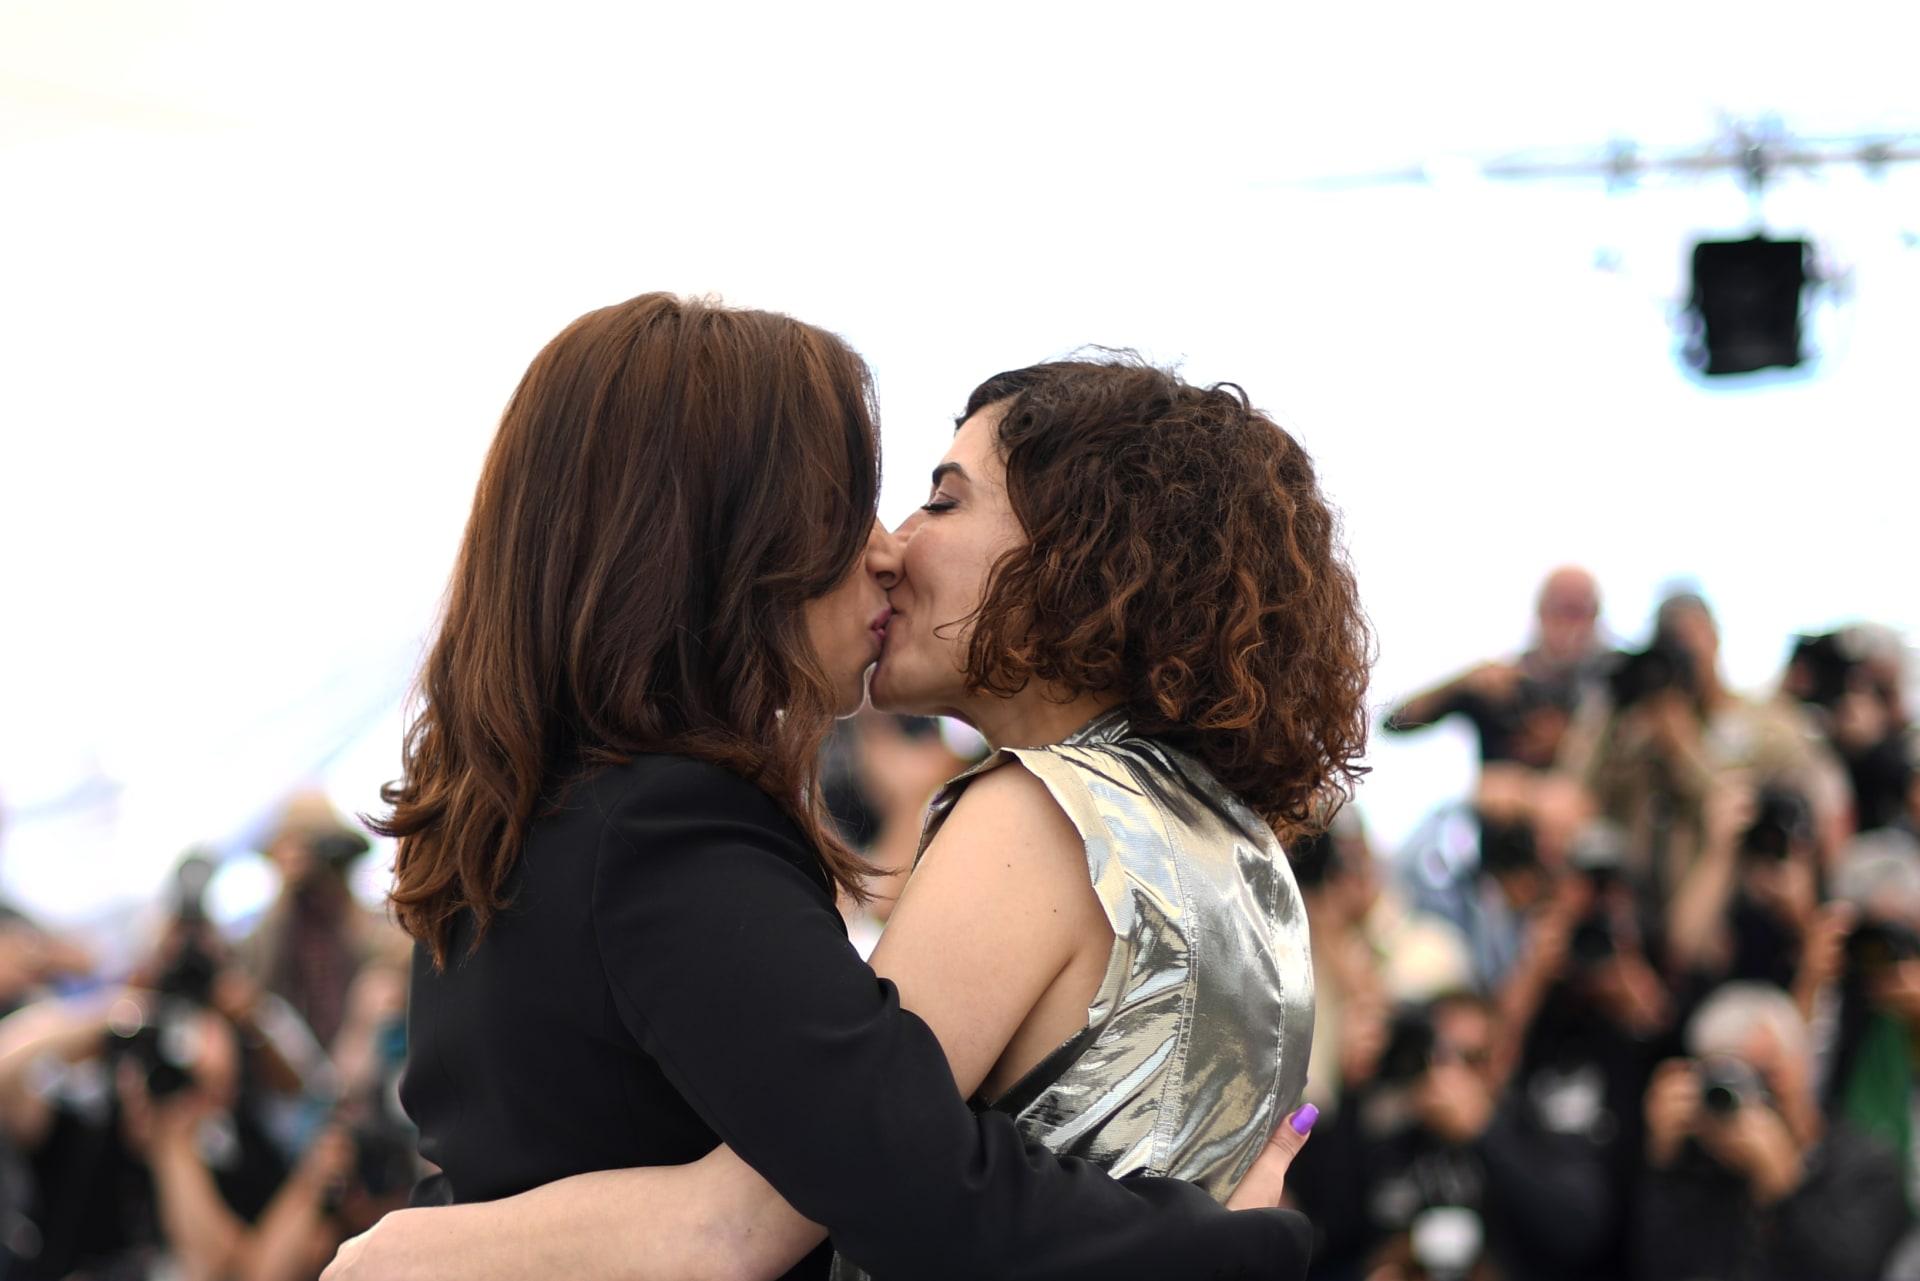 """قبلة بين الممثلتين نسرين الراضي ولبنى الزبال في مهرجان """"كان"""" تشعل مواقع التواصل"""